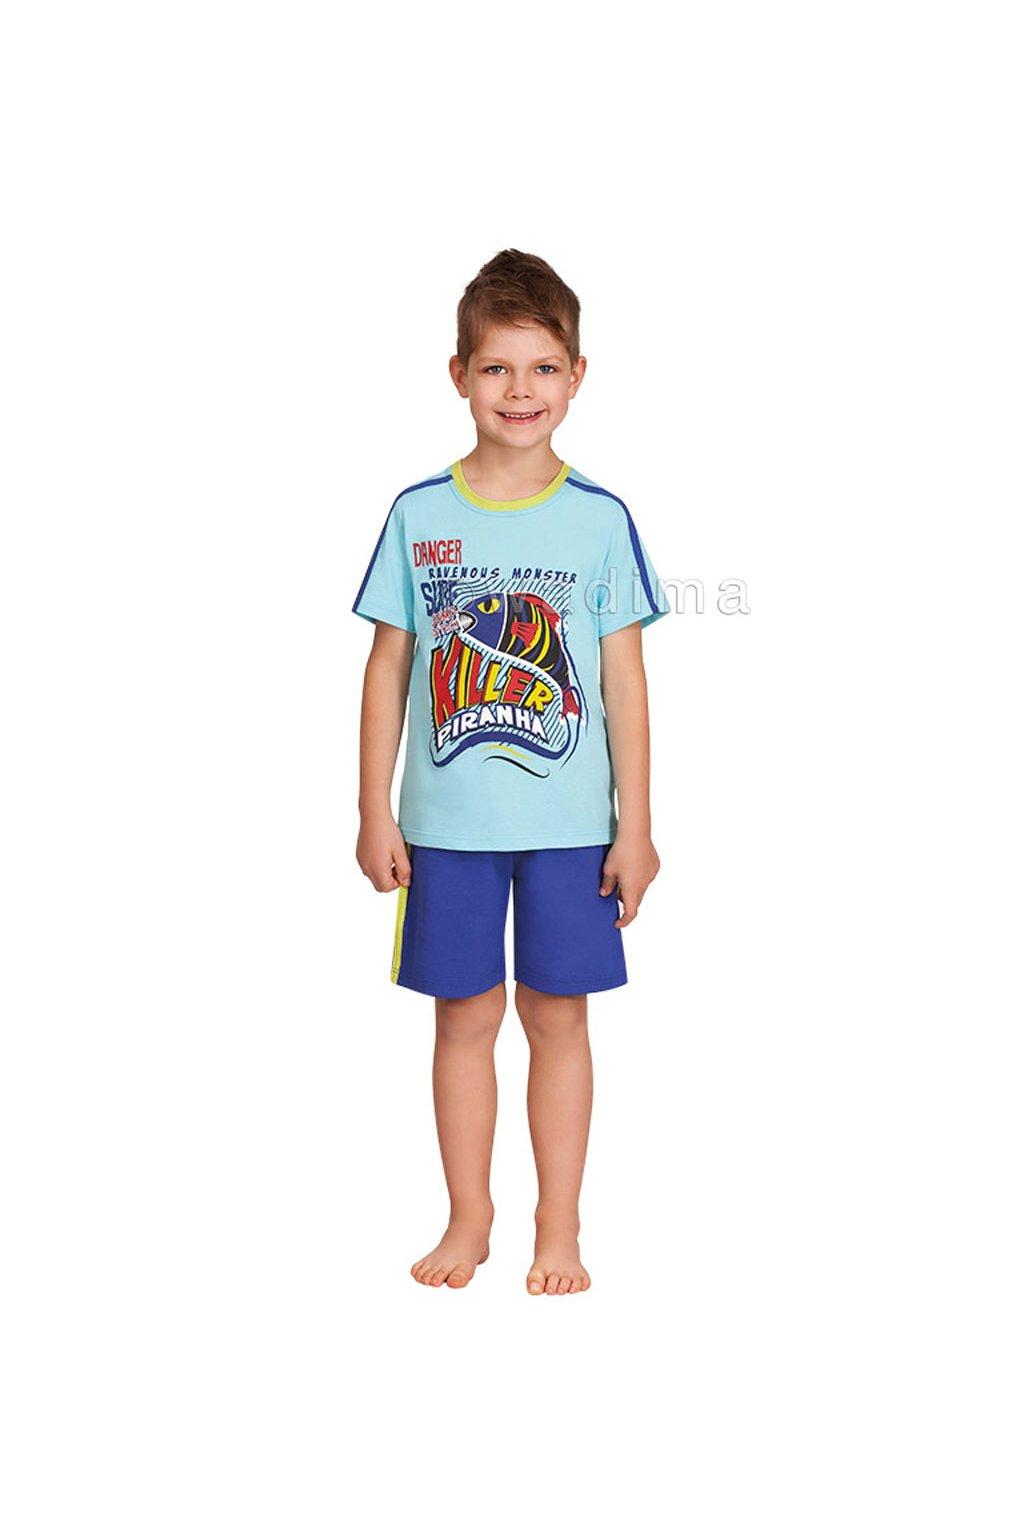 Chlapecké pyžamo s krátkým rukávem, 50466 798, tyrkysová/modrá